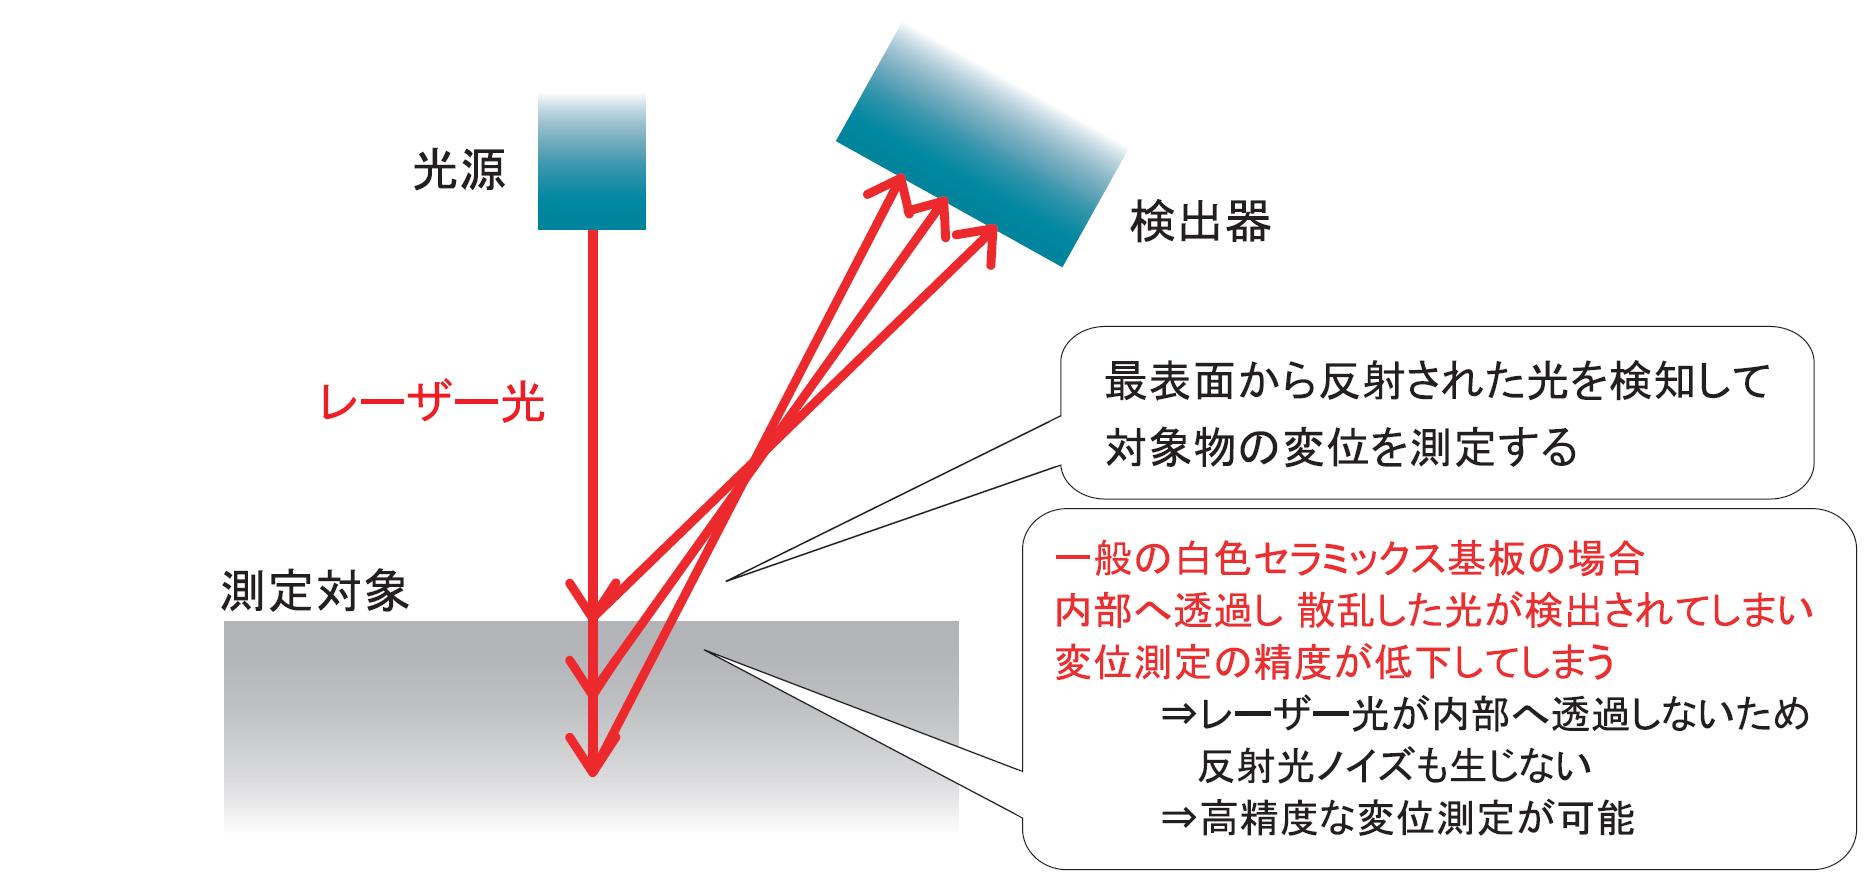 レーザー測定機用校正部品の動作イメージ